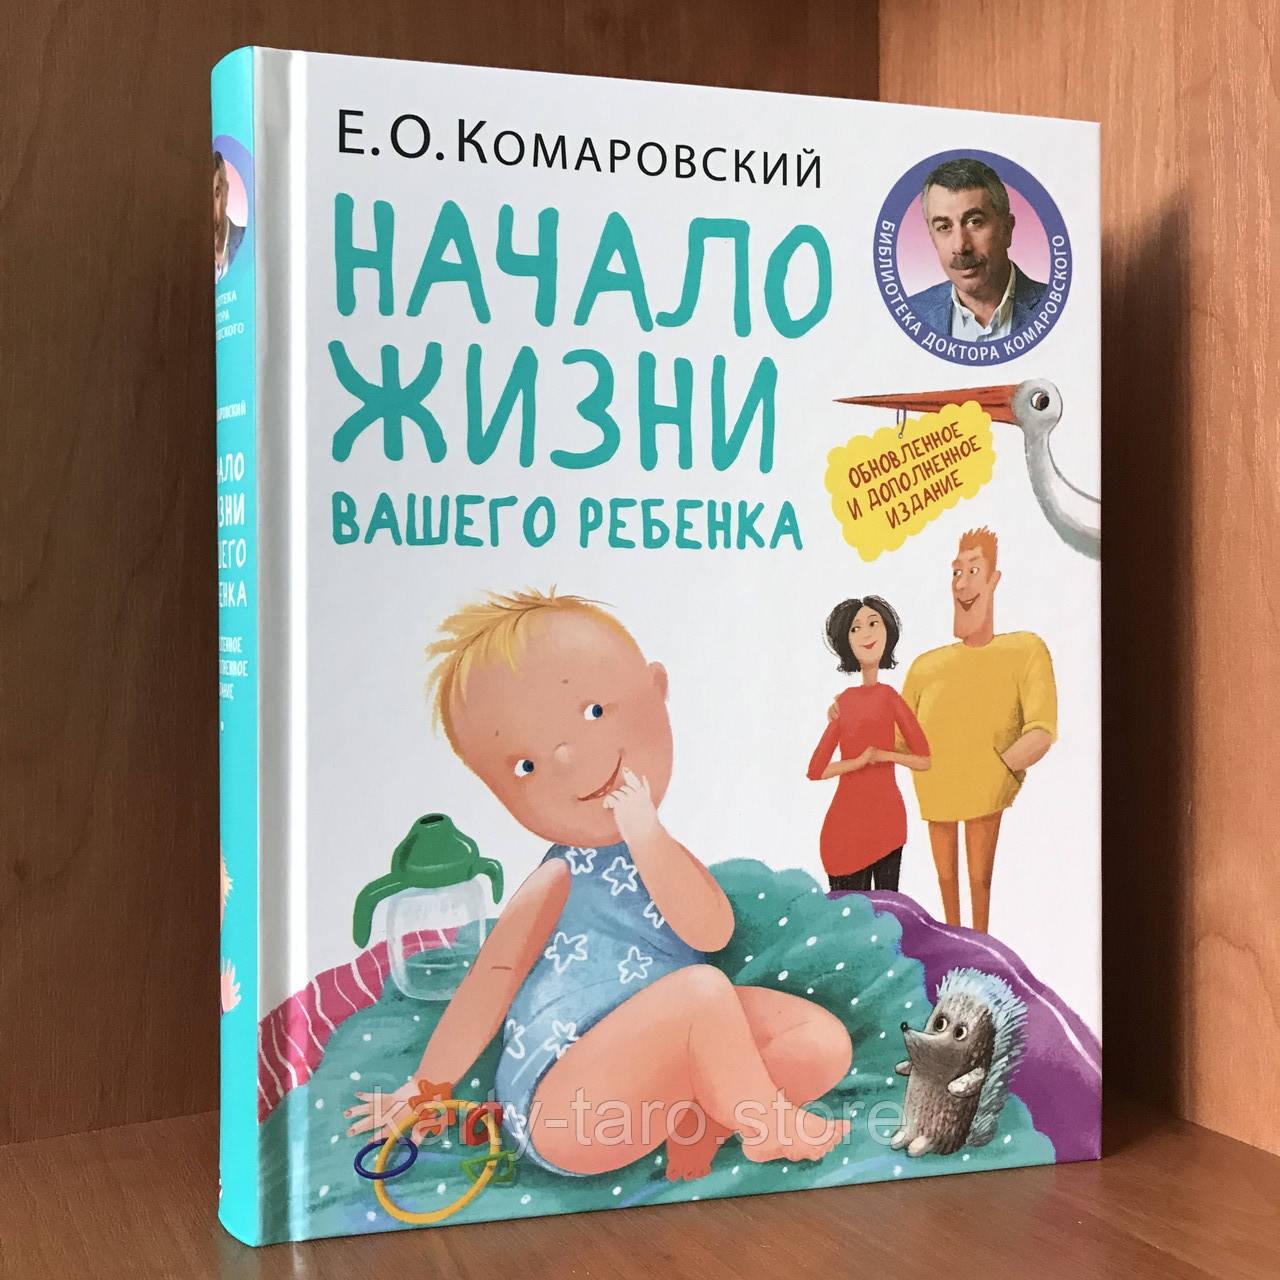 Книга Начало жизни вашего ребёнка - Евгений Комаровский